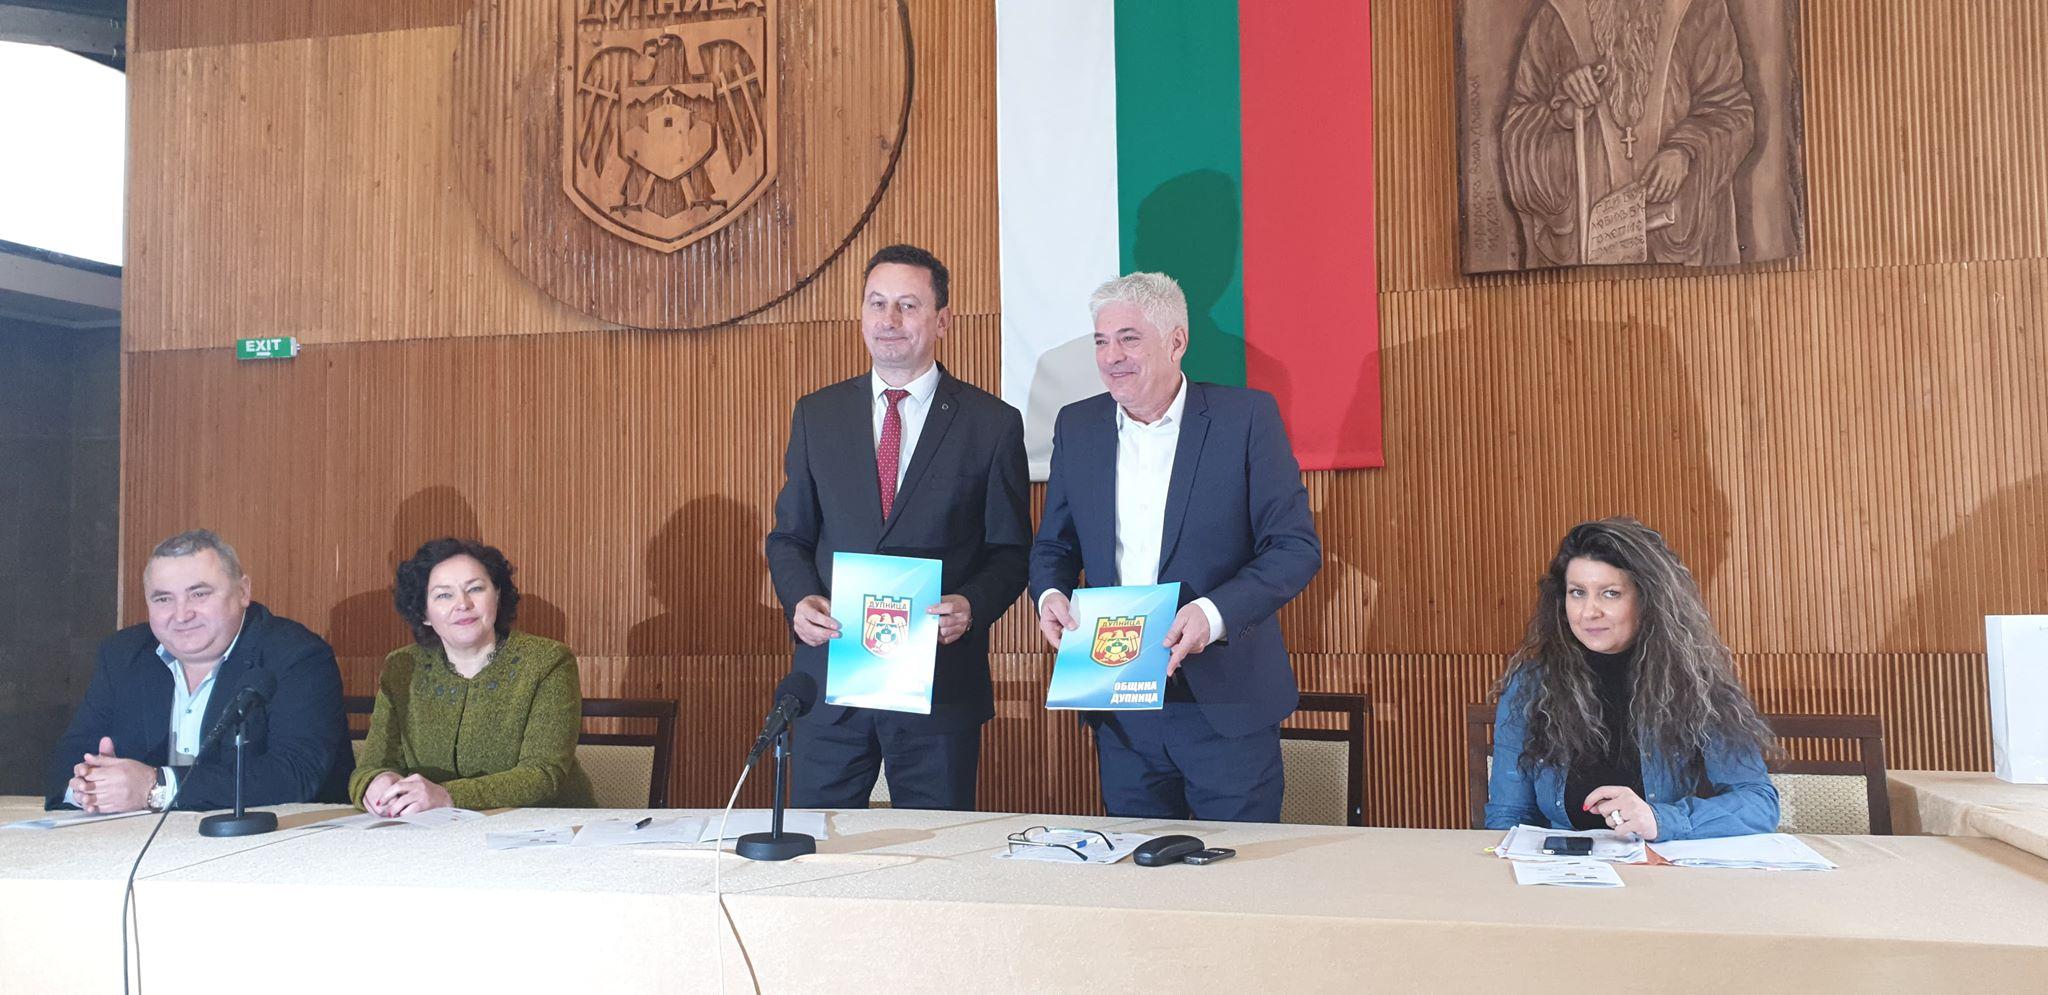 Потпишан меморандум за развој и унапредување на спортот помеѓу Крива Паланка и Дупница